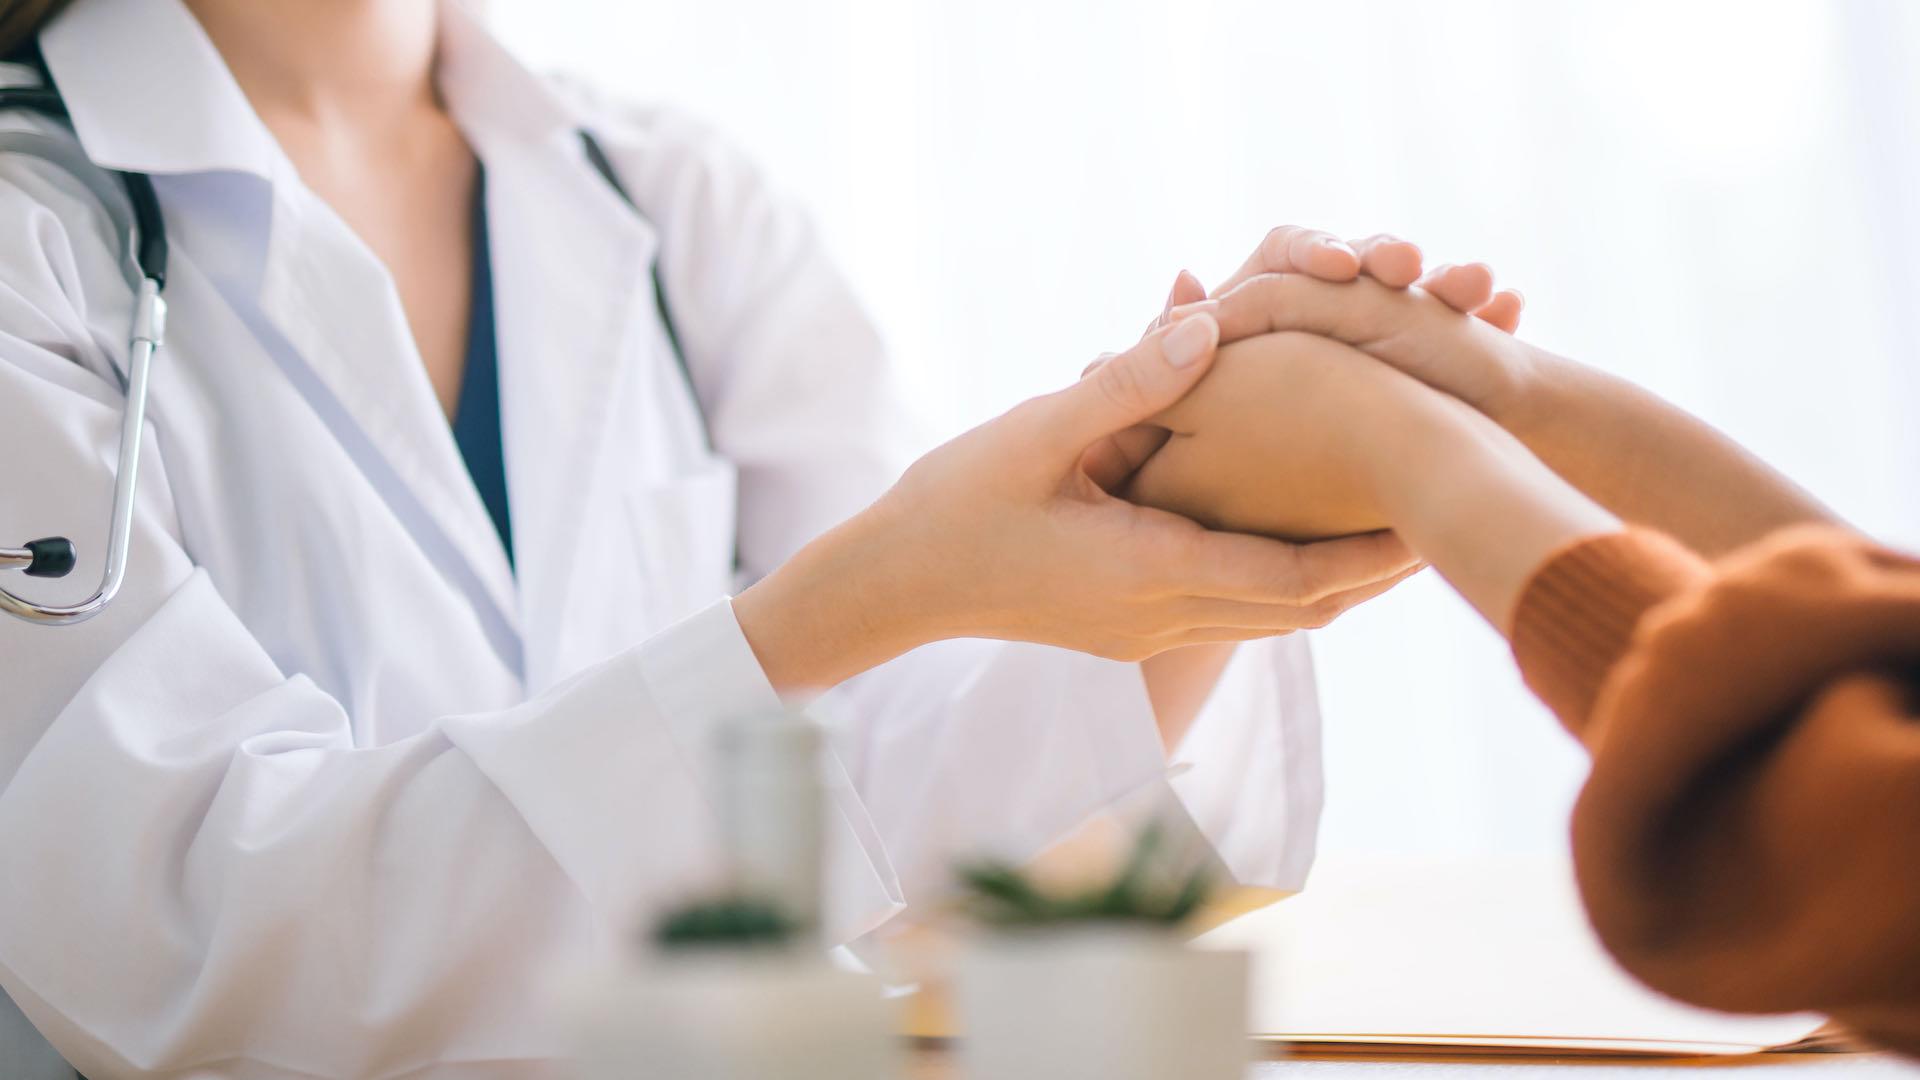 Tractaments específics per a fallades d'implantacio embrionària i avortaments de repetició